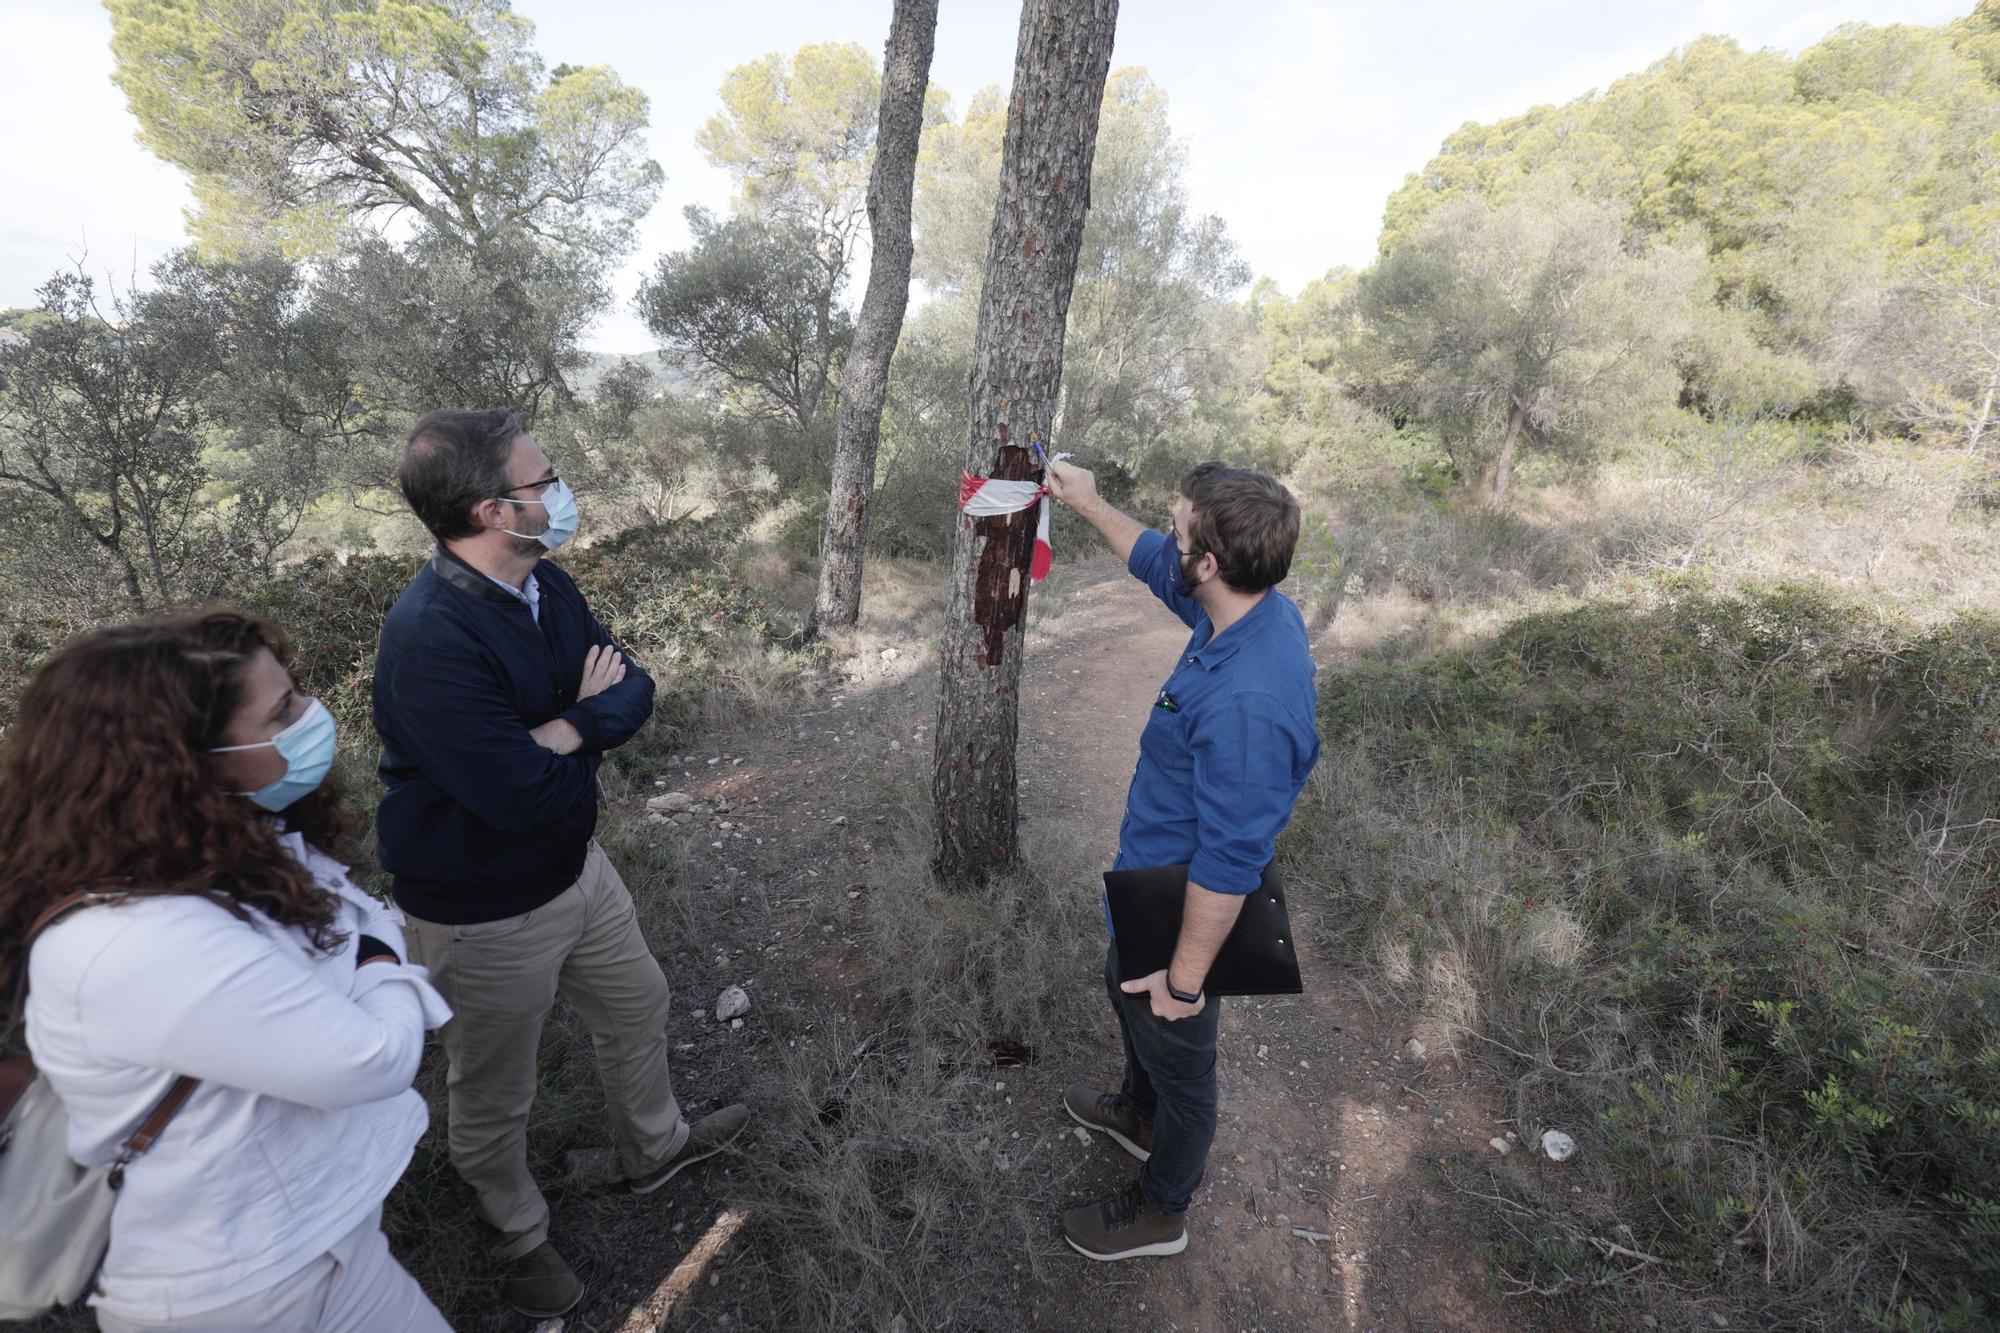 El alcalde de Palma visita el bosque de Bellver para conocer la incidencia de la plaga de Tomicus